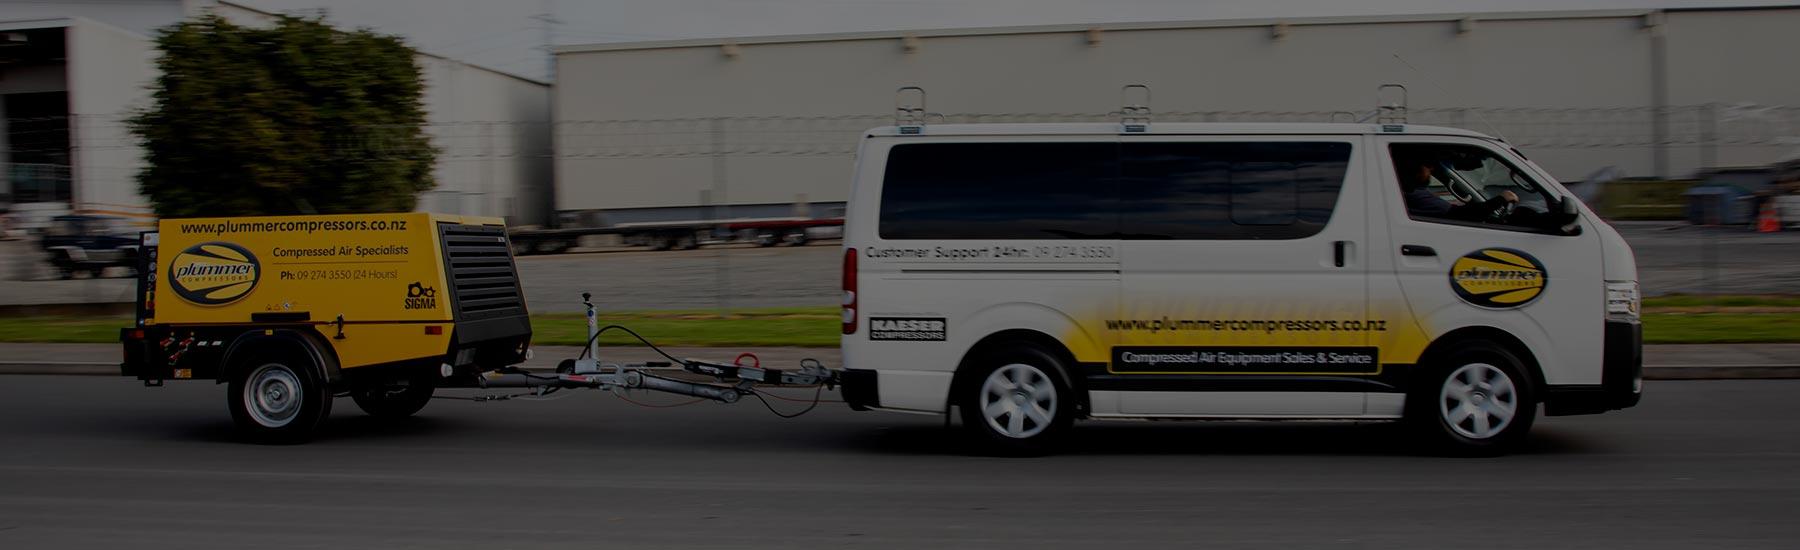 Plummer Compressors - Service & Maintenance